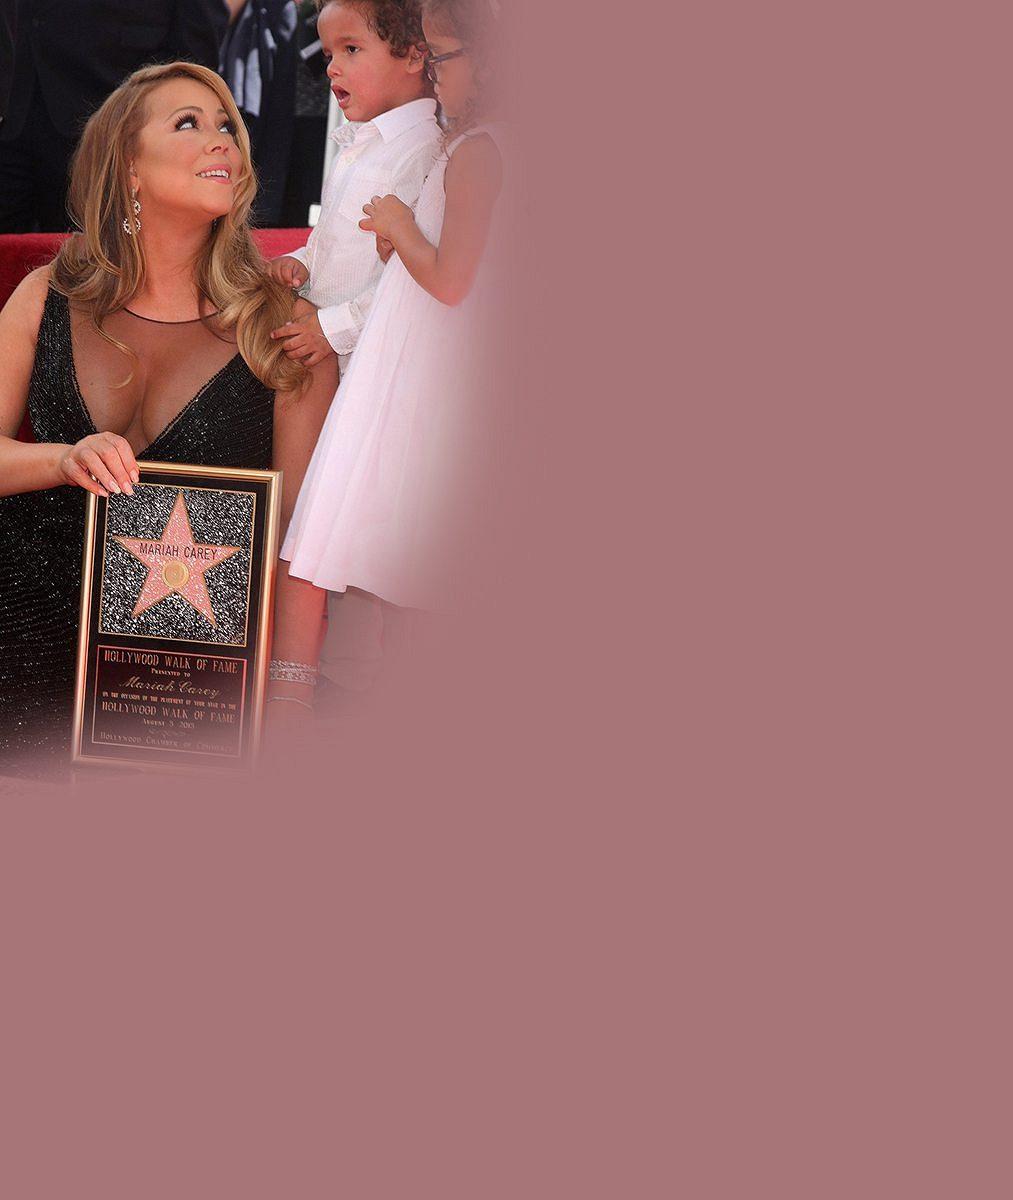 Mariah Carey dobře ví, co hanbatého zabere, ikdyž bude pořád kulatější